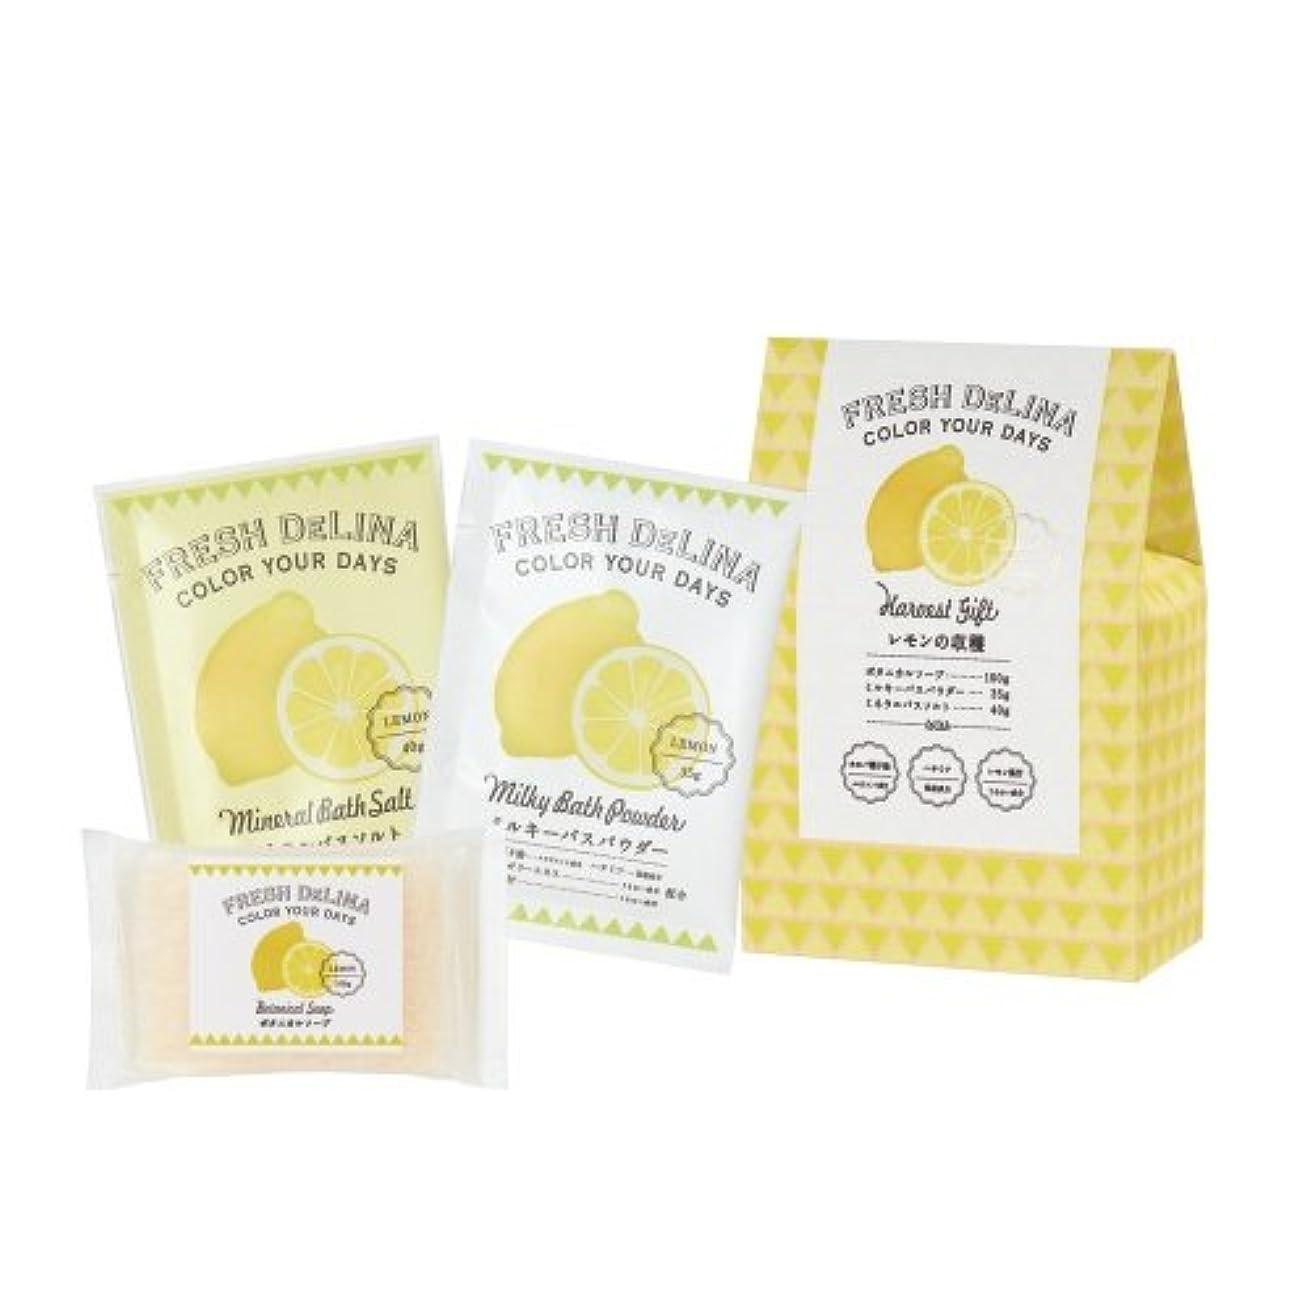 トーナメント論理的摩擦フレッシュデリーナ ハーベストギフト レモン (ミルキバスパウダー35g、ミネラルバスソルト40g、ボタニカルソープ100g 「各1個」)